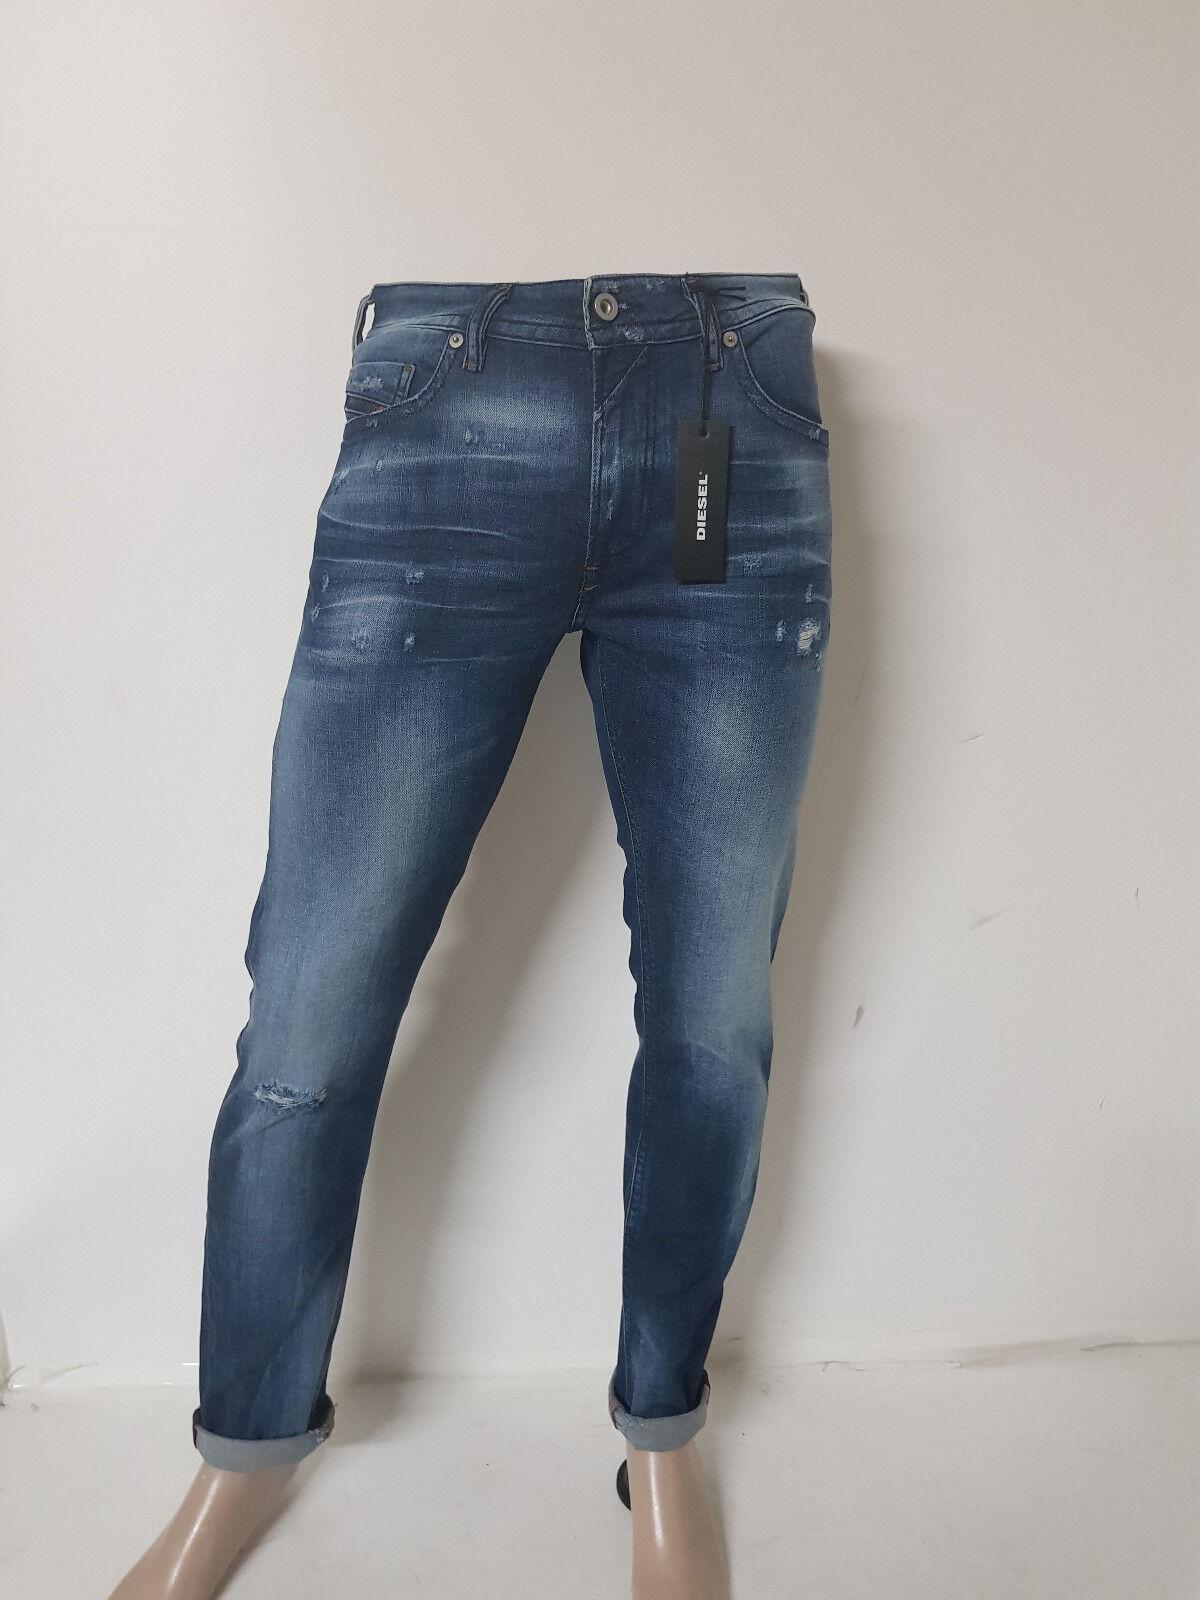 Jeans Diesel men   Pants men Art. -Thommer L32EX03747 - Sconto - 40%